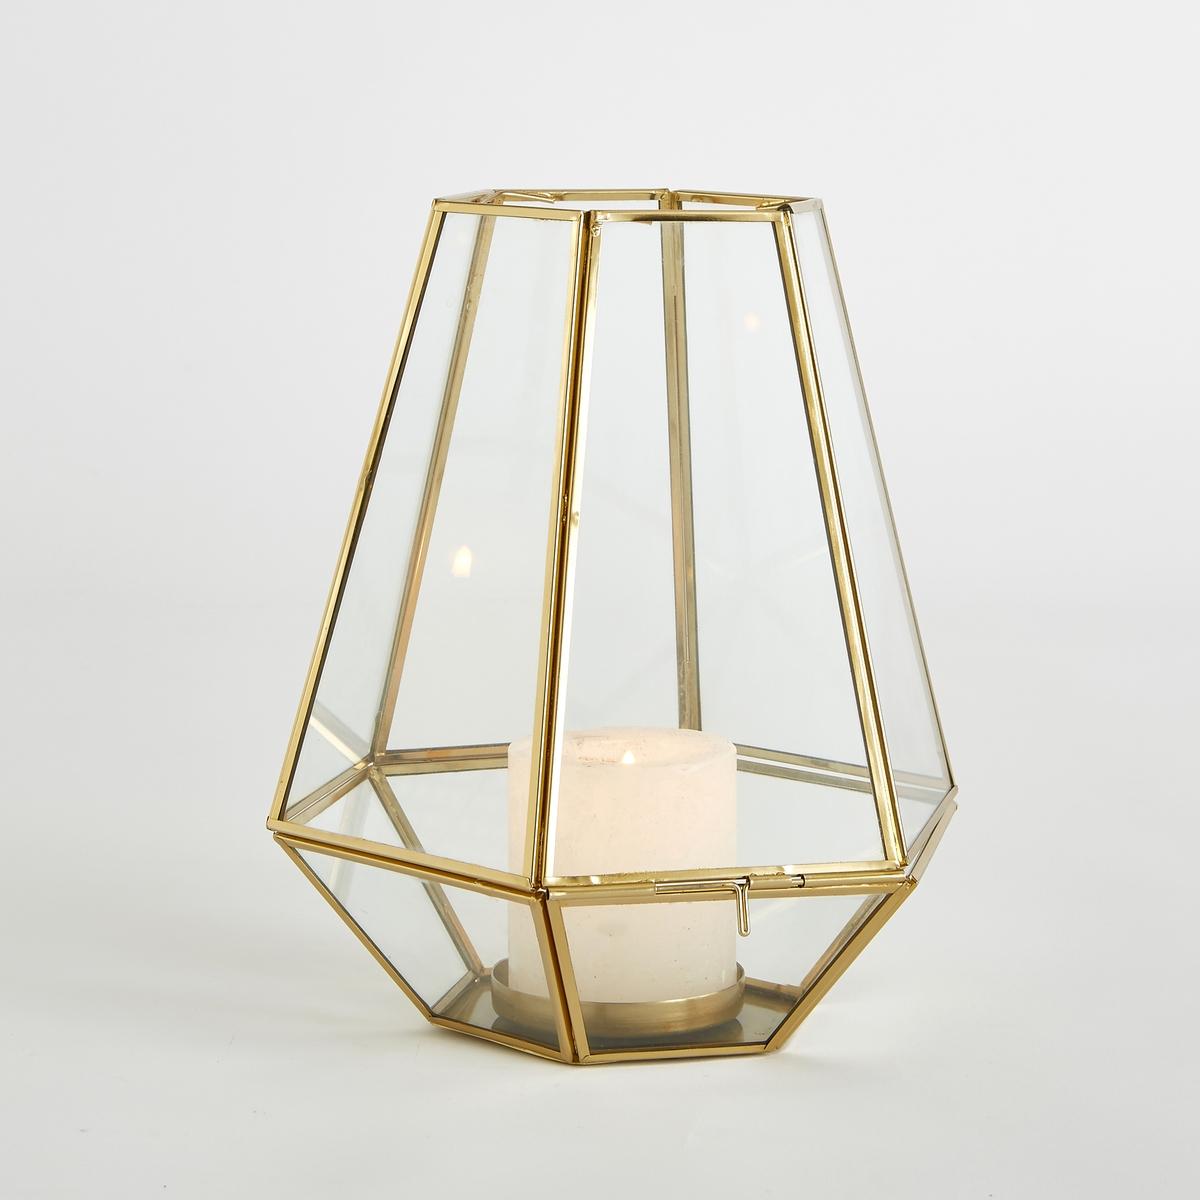 Подсвечник из стекла и металла Miludi декоративные свечи ганг подсвечник imagine 8х8х20 см